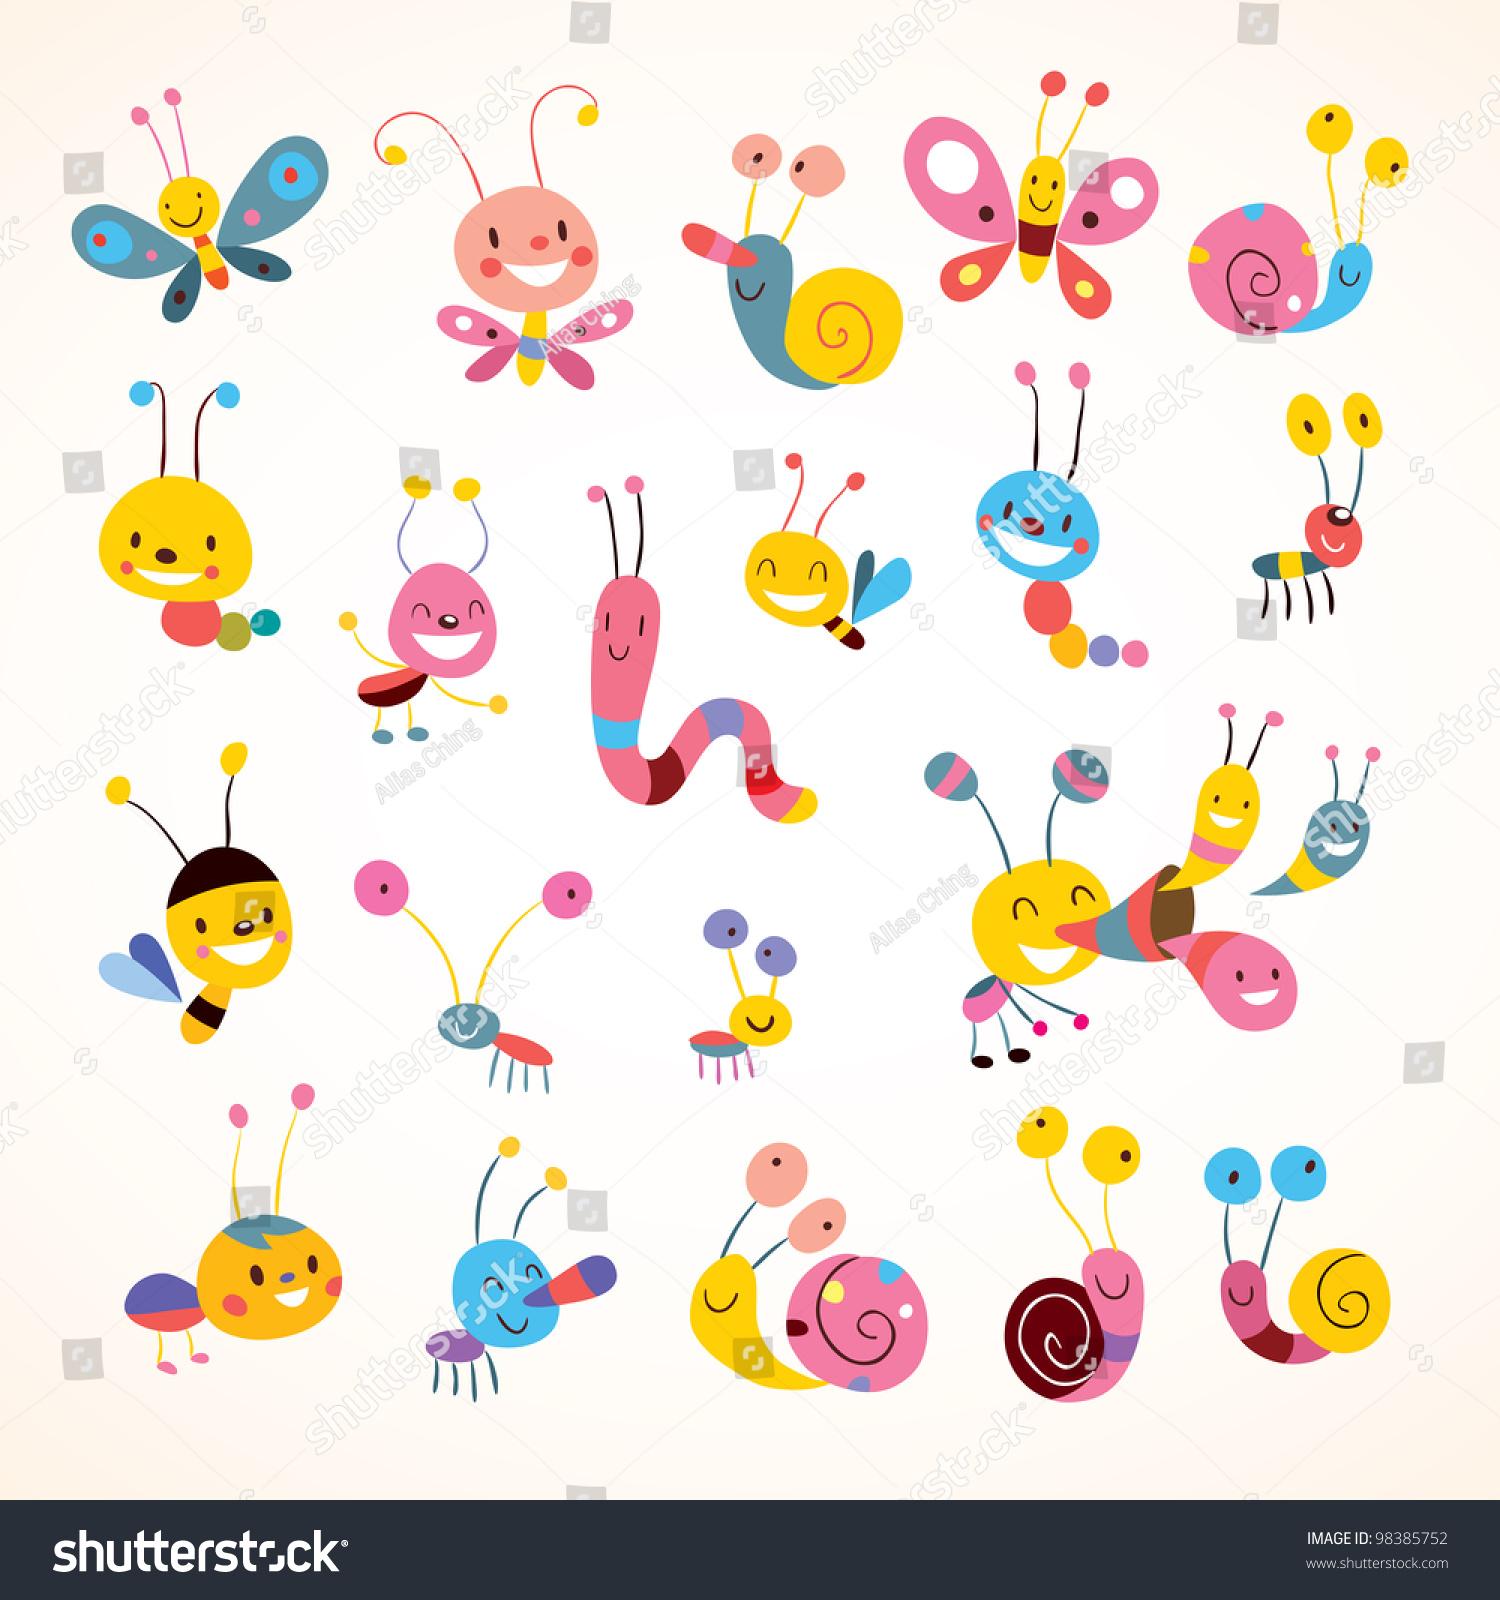 可爱的蝴蝶甲虫蜗牛-动物/野生生物,自然-海洛创意()